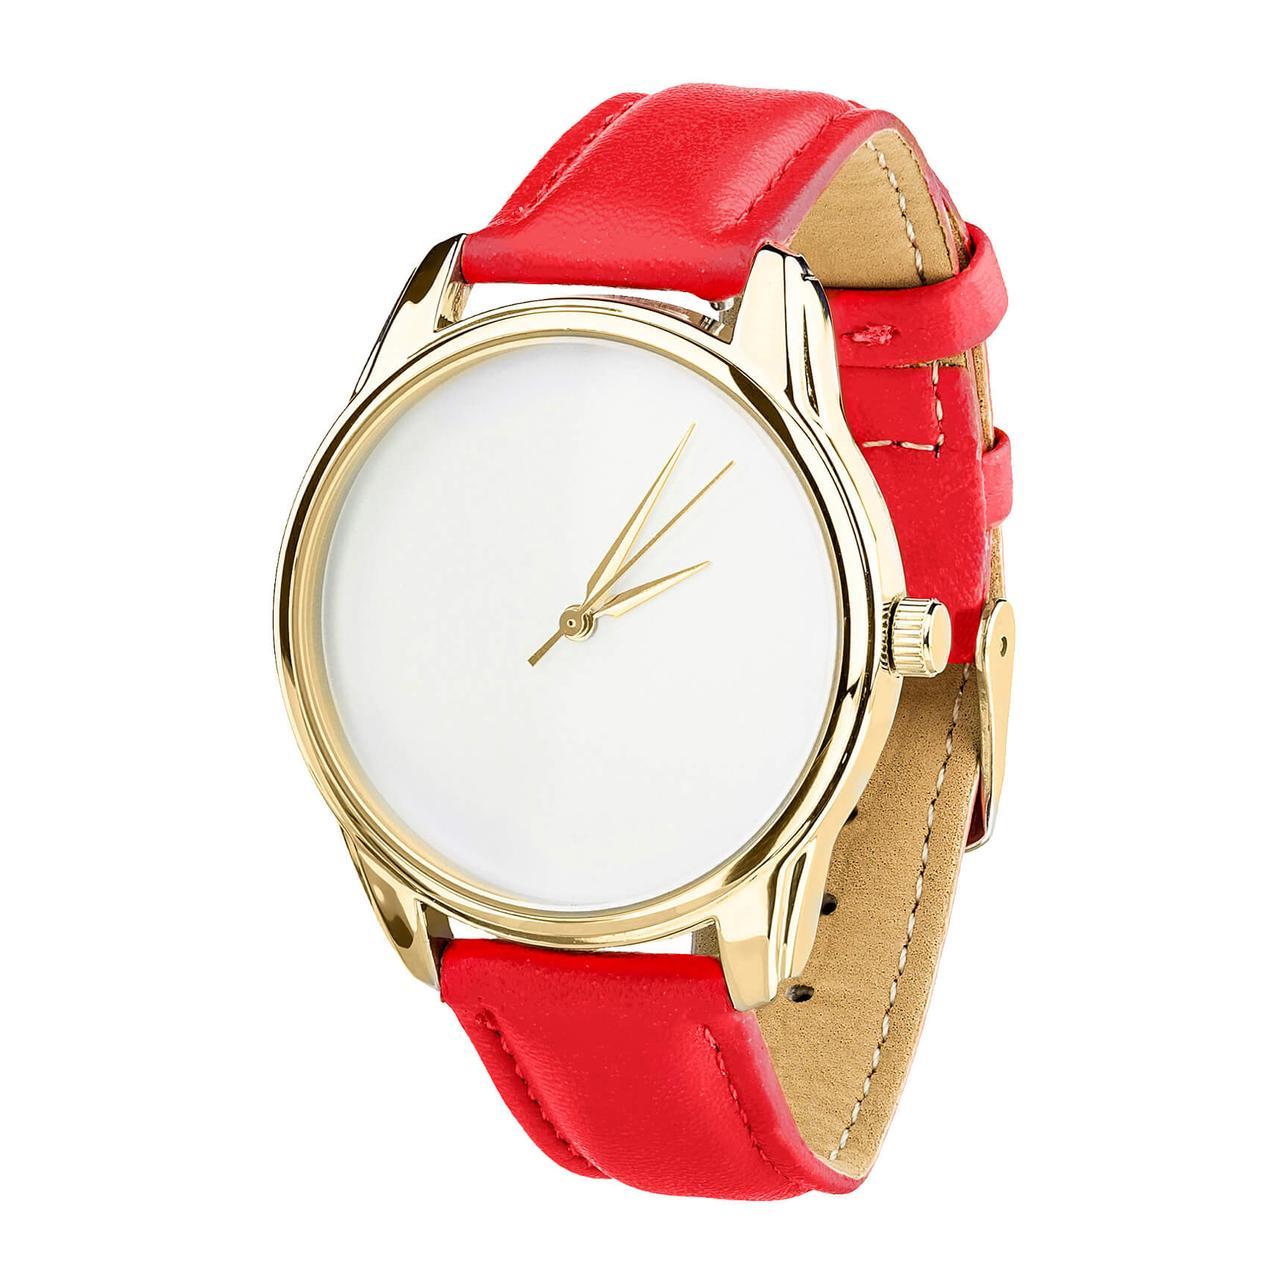 Часы наручные ZIZ Минимализм (ремешок маково - красный, золото) + дополнительный ремешок